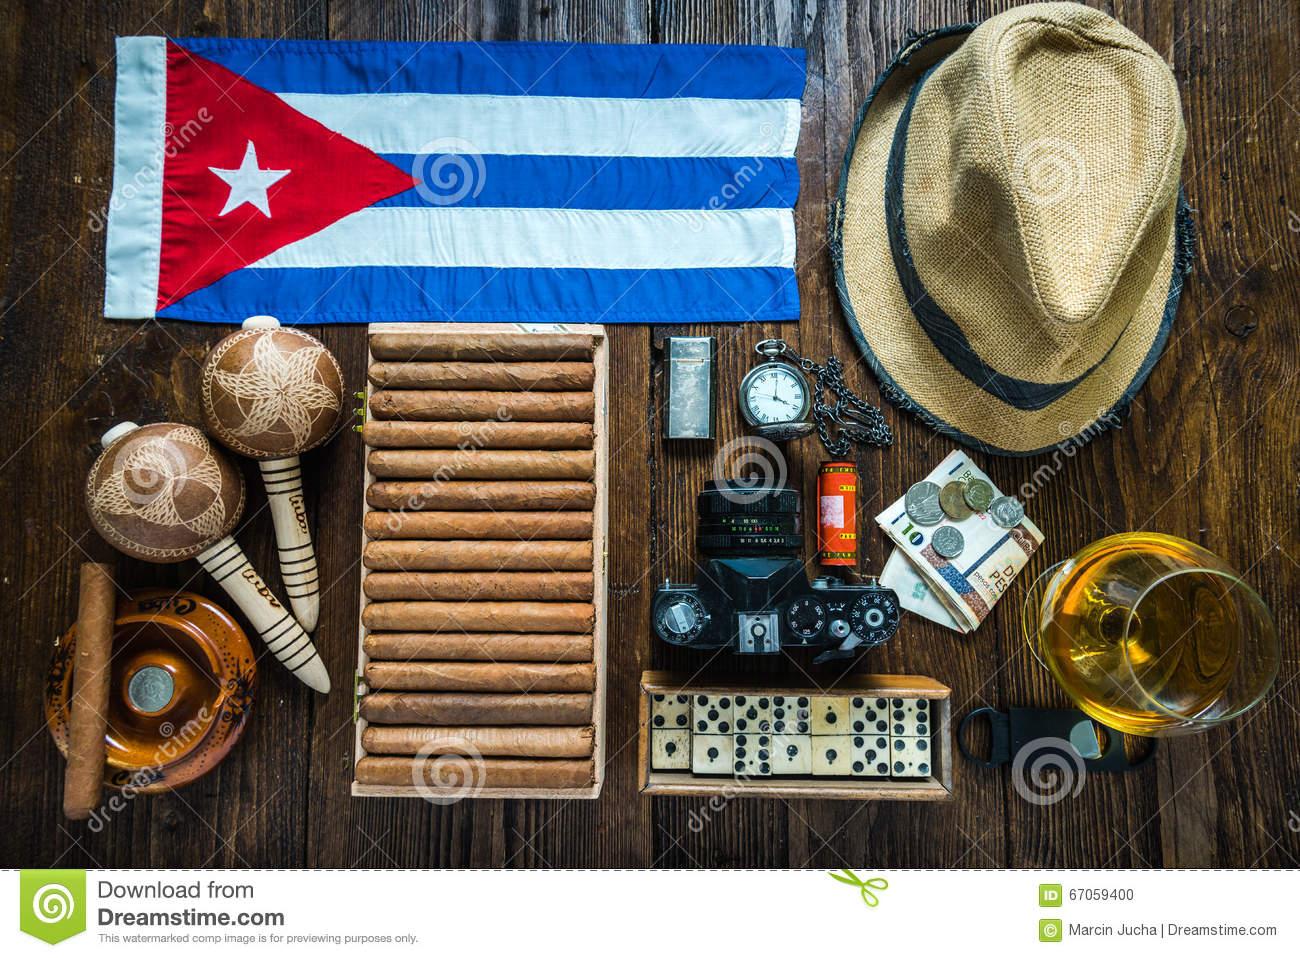 La Prostitucin: de La Habana al Infierno CubanetCubanet